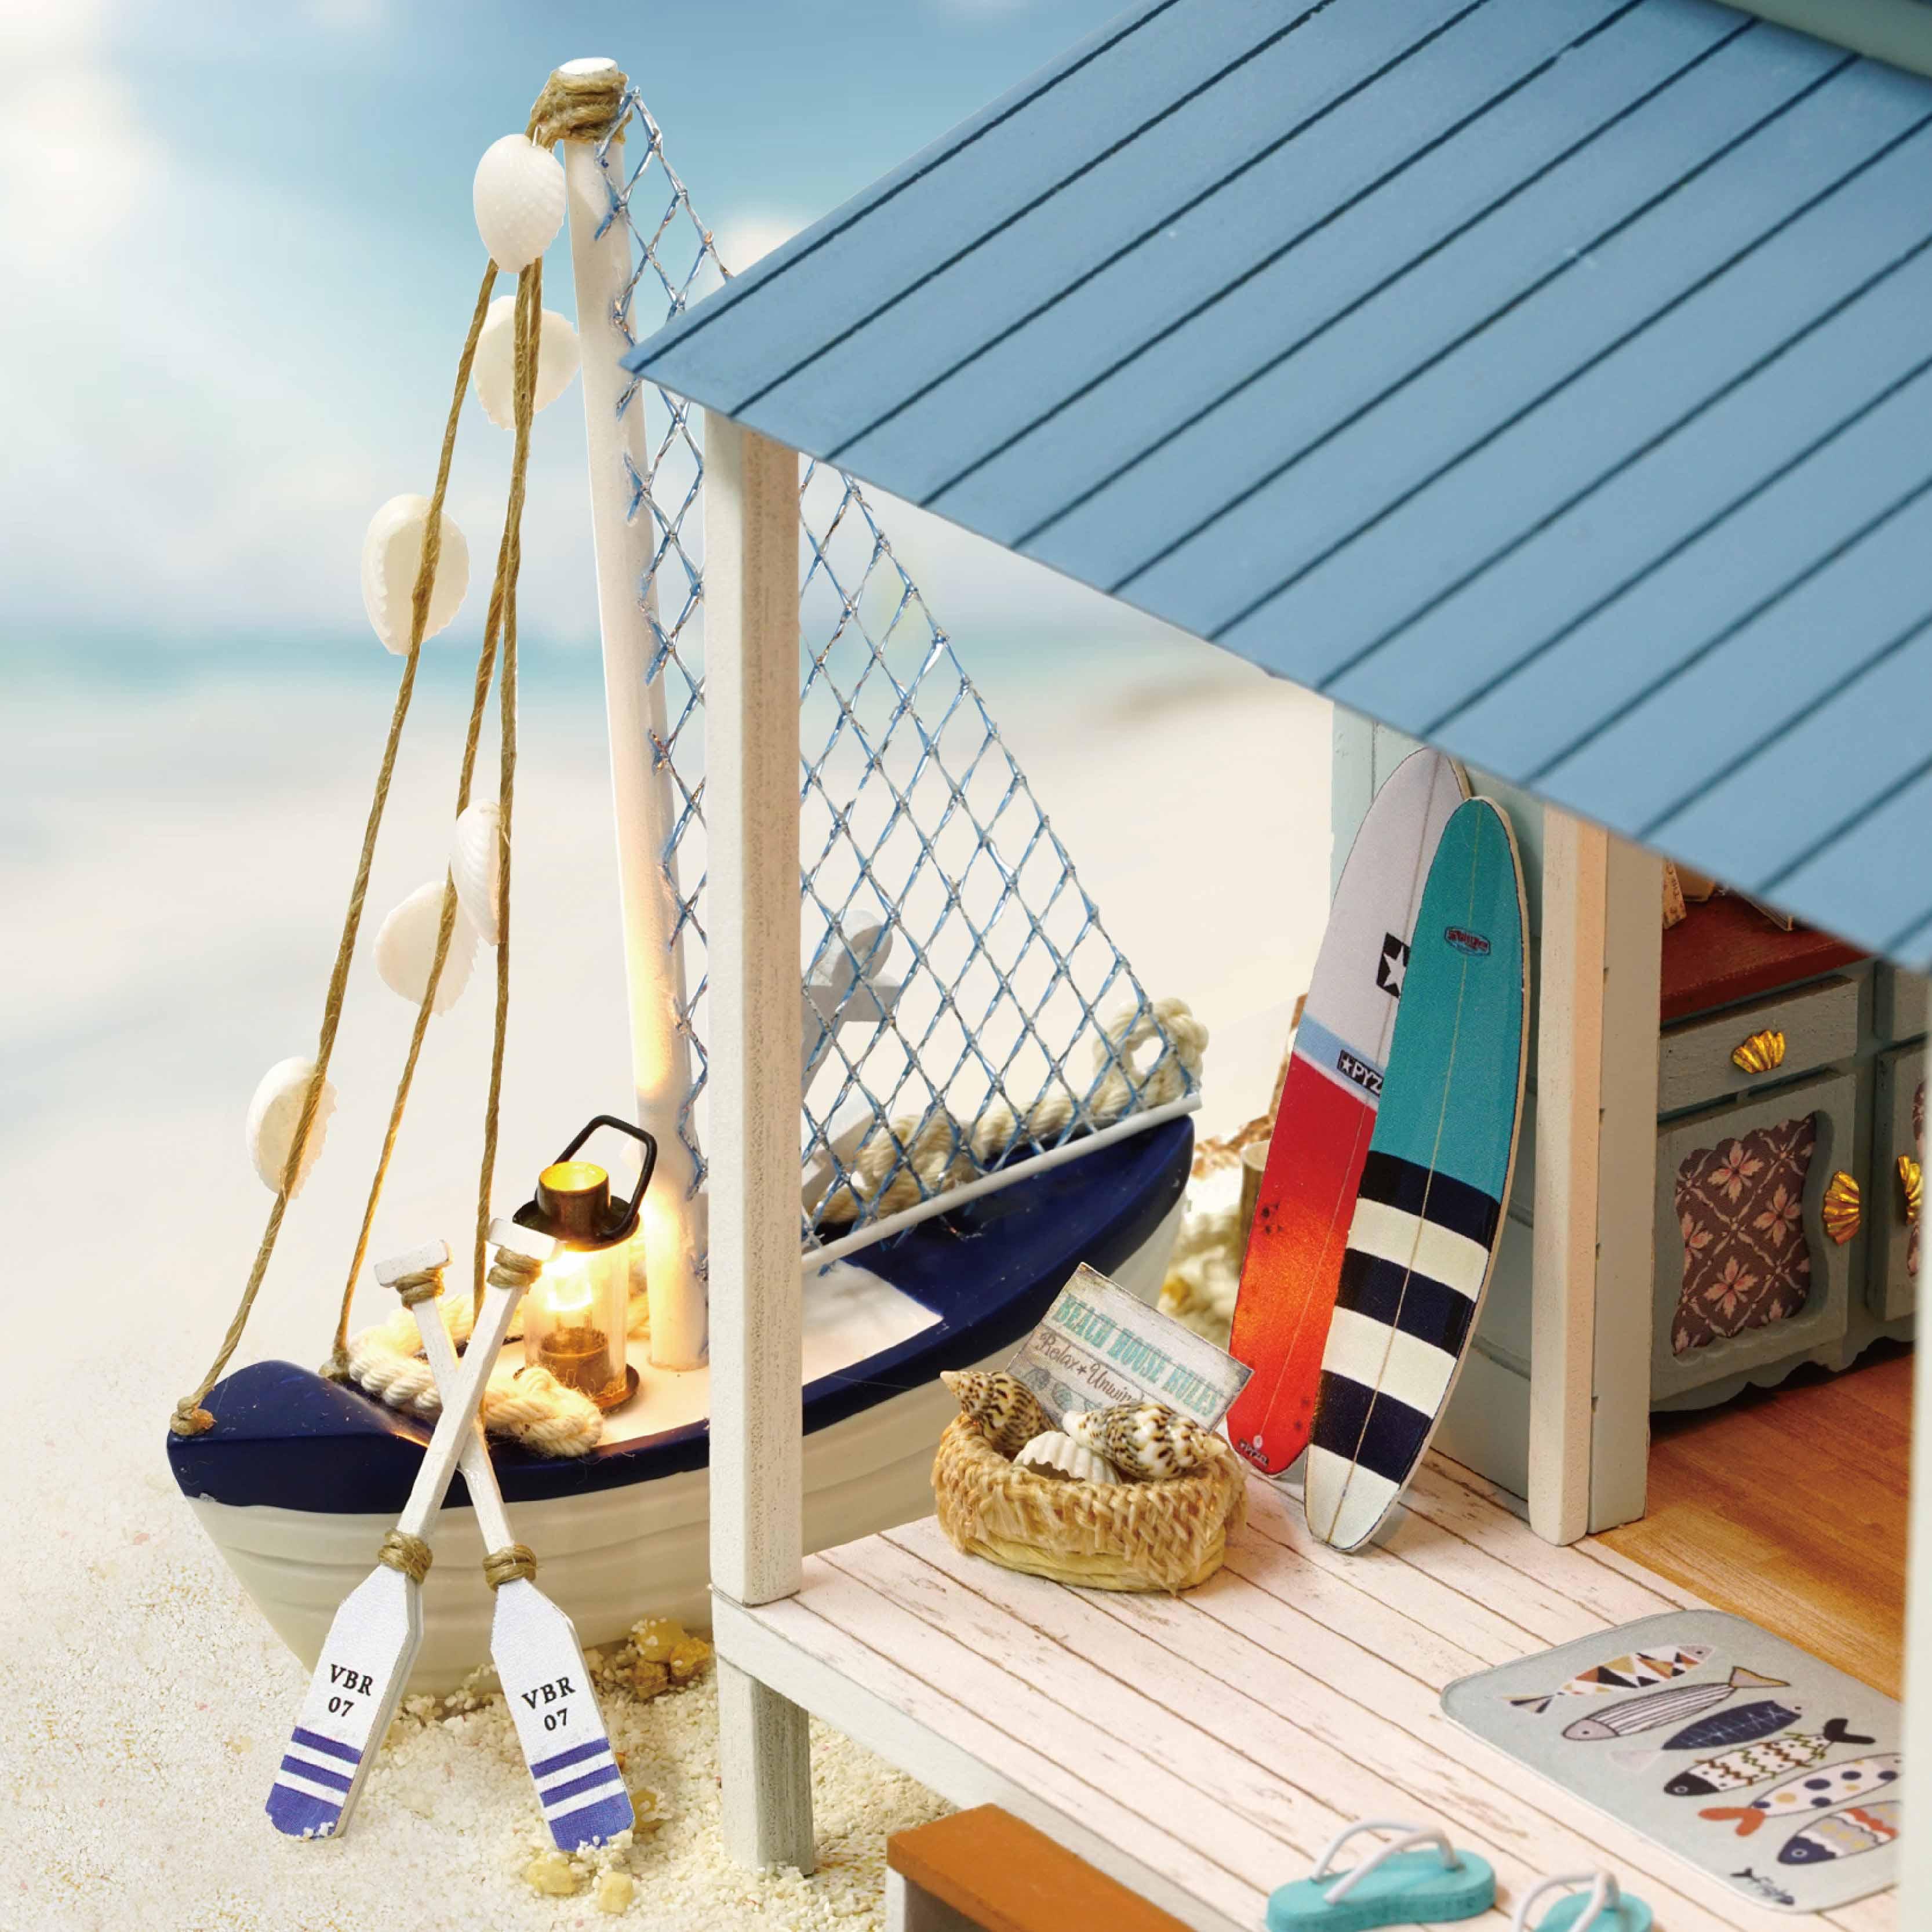 智趣屋diy小屋加勒比海手工制作房子公主别墅模